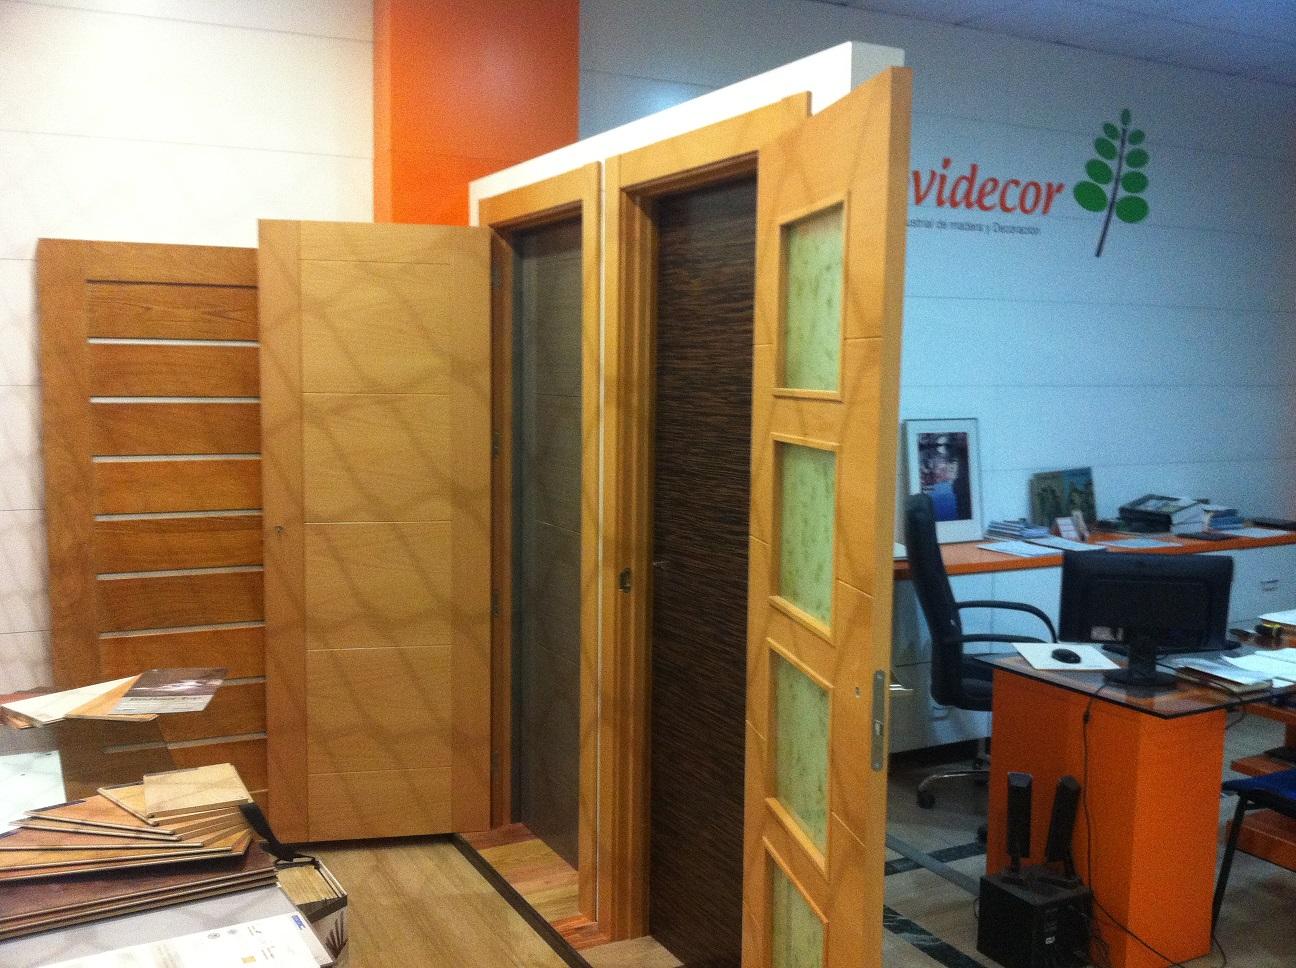 Puertas de interior baratas en granada materiales de construcci n para la reparaci n - Puertas de interior baratas en vigo ...